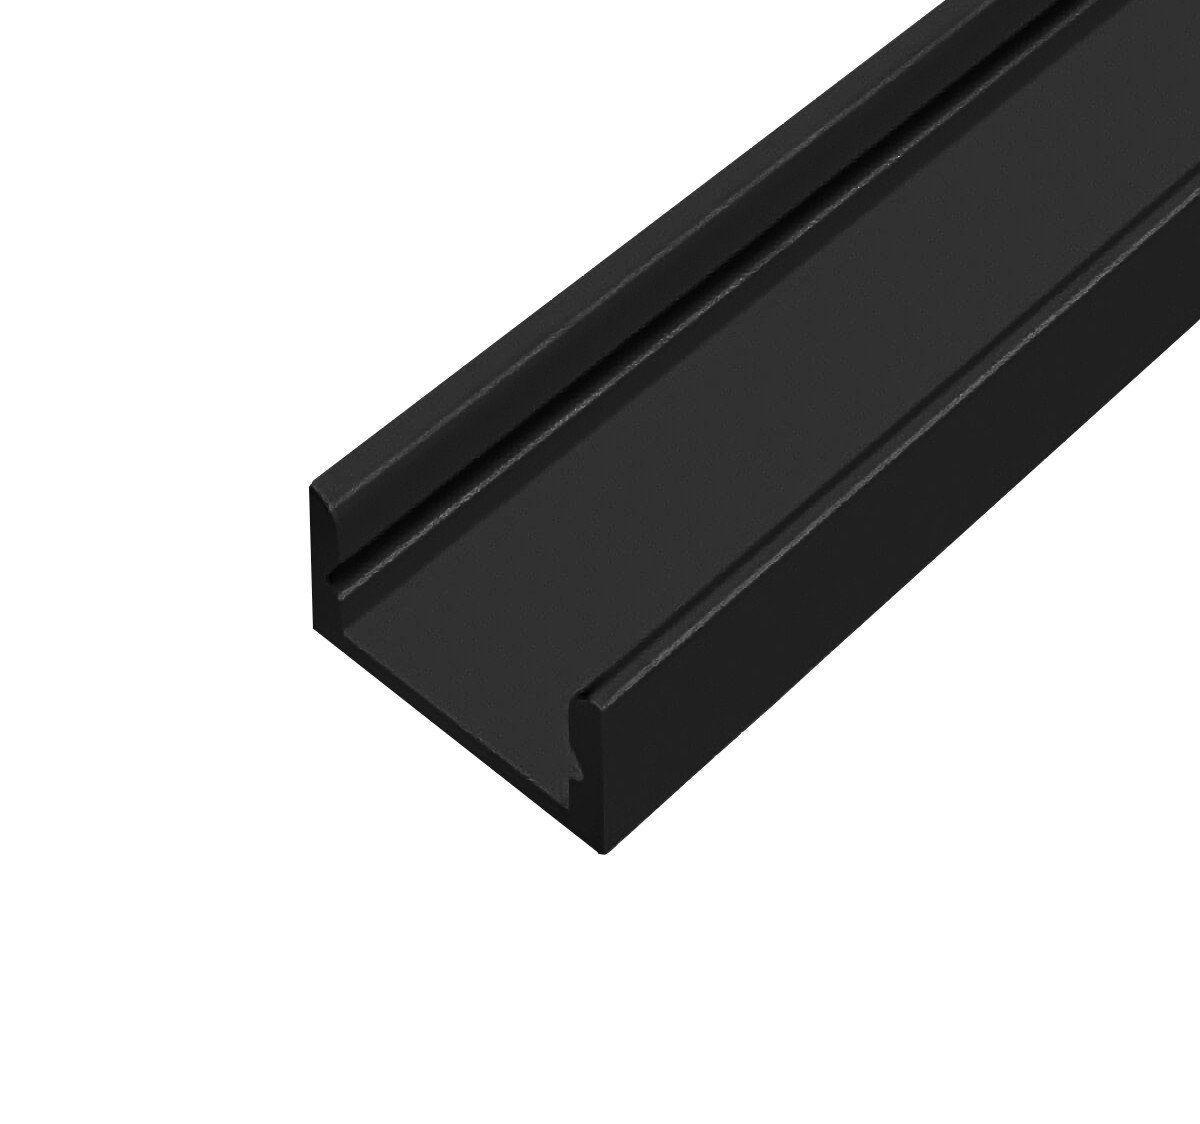 Черный накладной профиль ЛП-7 светодиодный окрашенный UKRLED (20769)